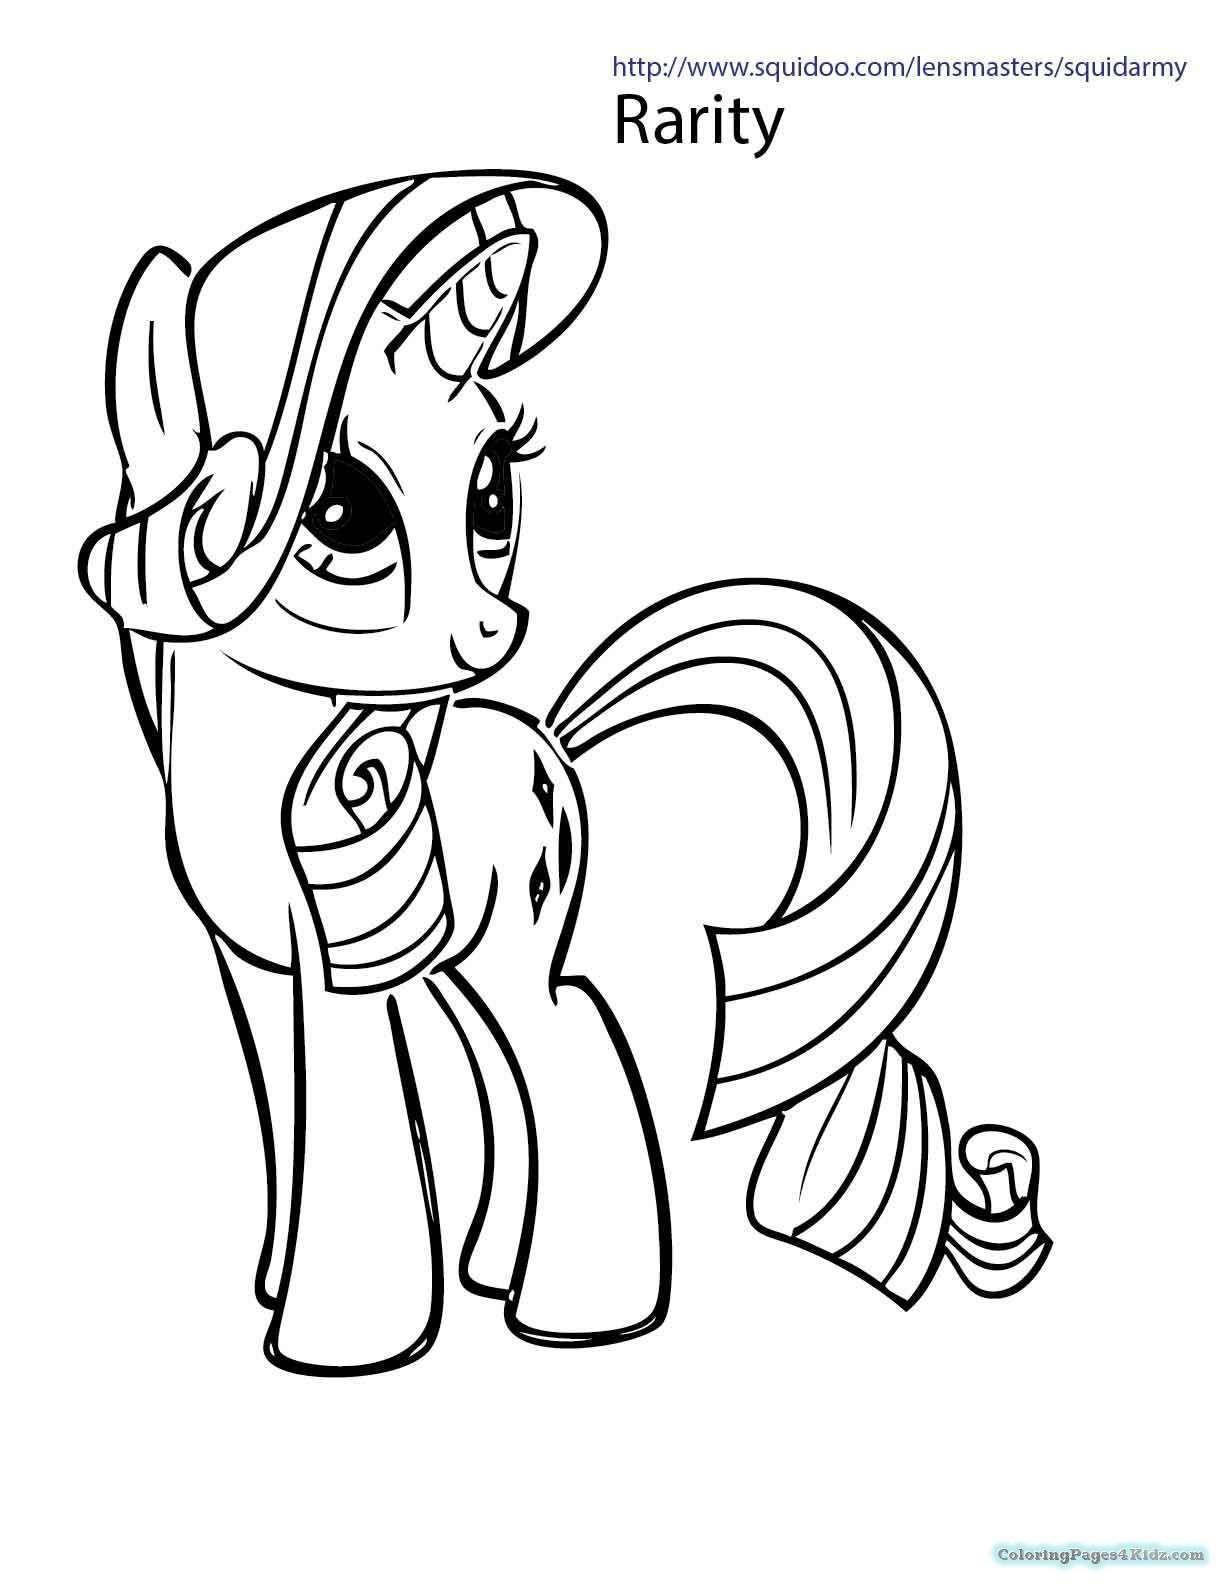 Ausmalbilder My Little Pony Rainbow Dash Frisch 40 Ausmalbilder Equestria Girls Scoredatscore Schön Ausmalbilder My Bild